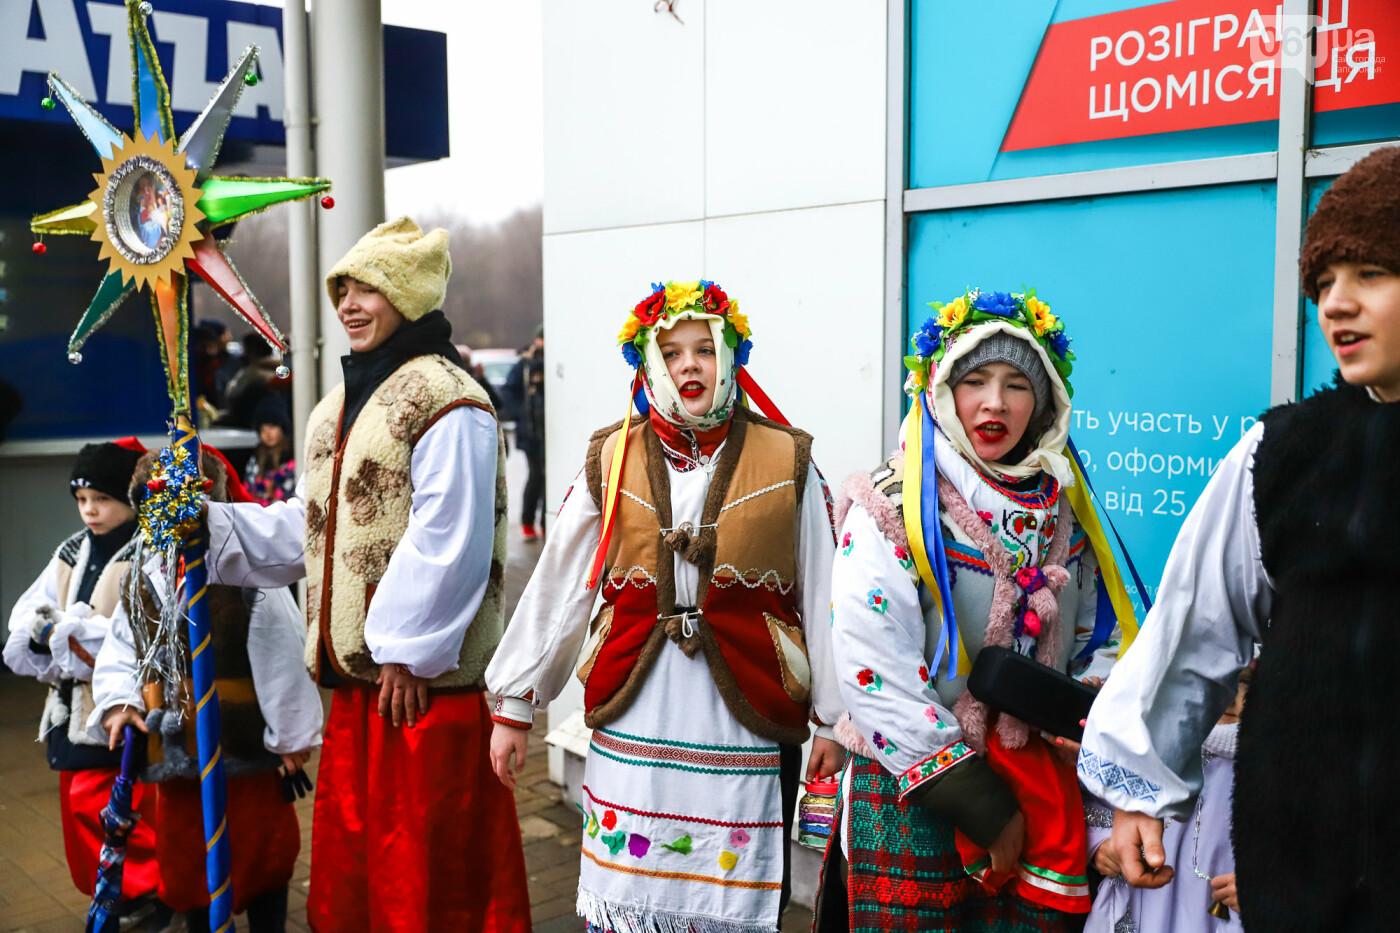 Нечистая сила против казаков: на улицах Запорожья показывали Рождественский вертеп, - ФОТО, ВИДЕО  , фото-8